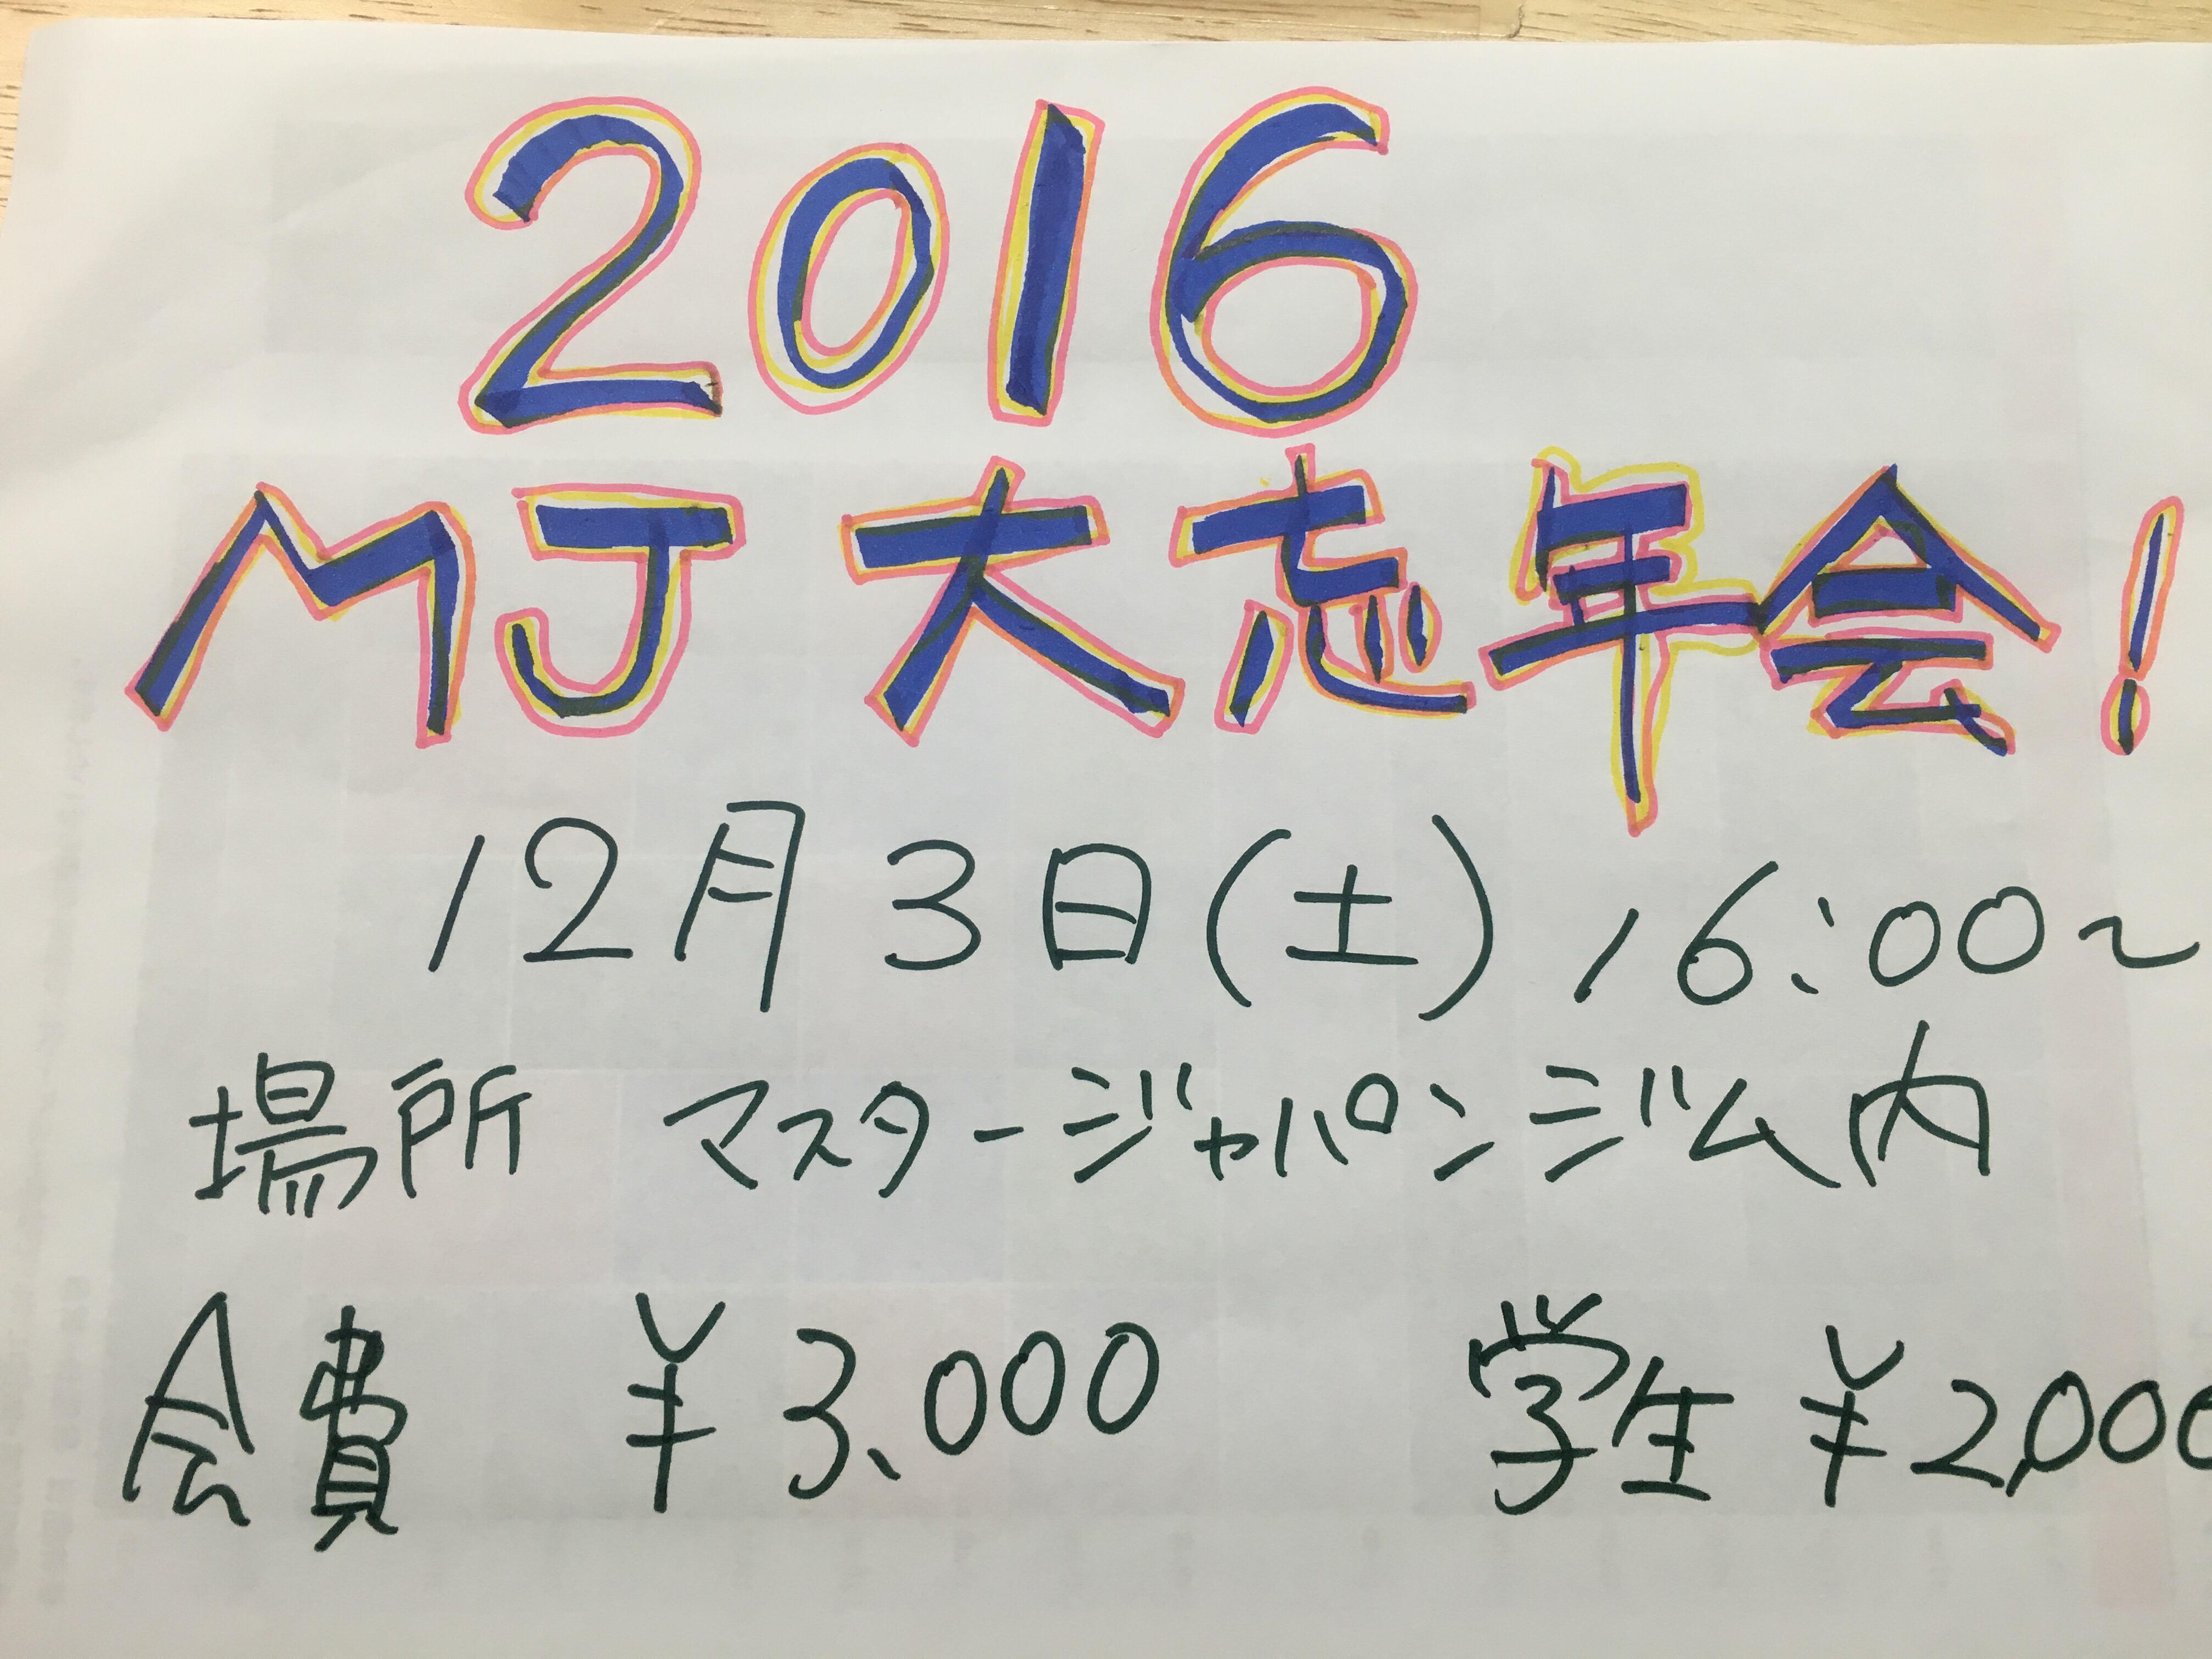 12月3日忘年会!